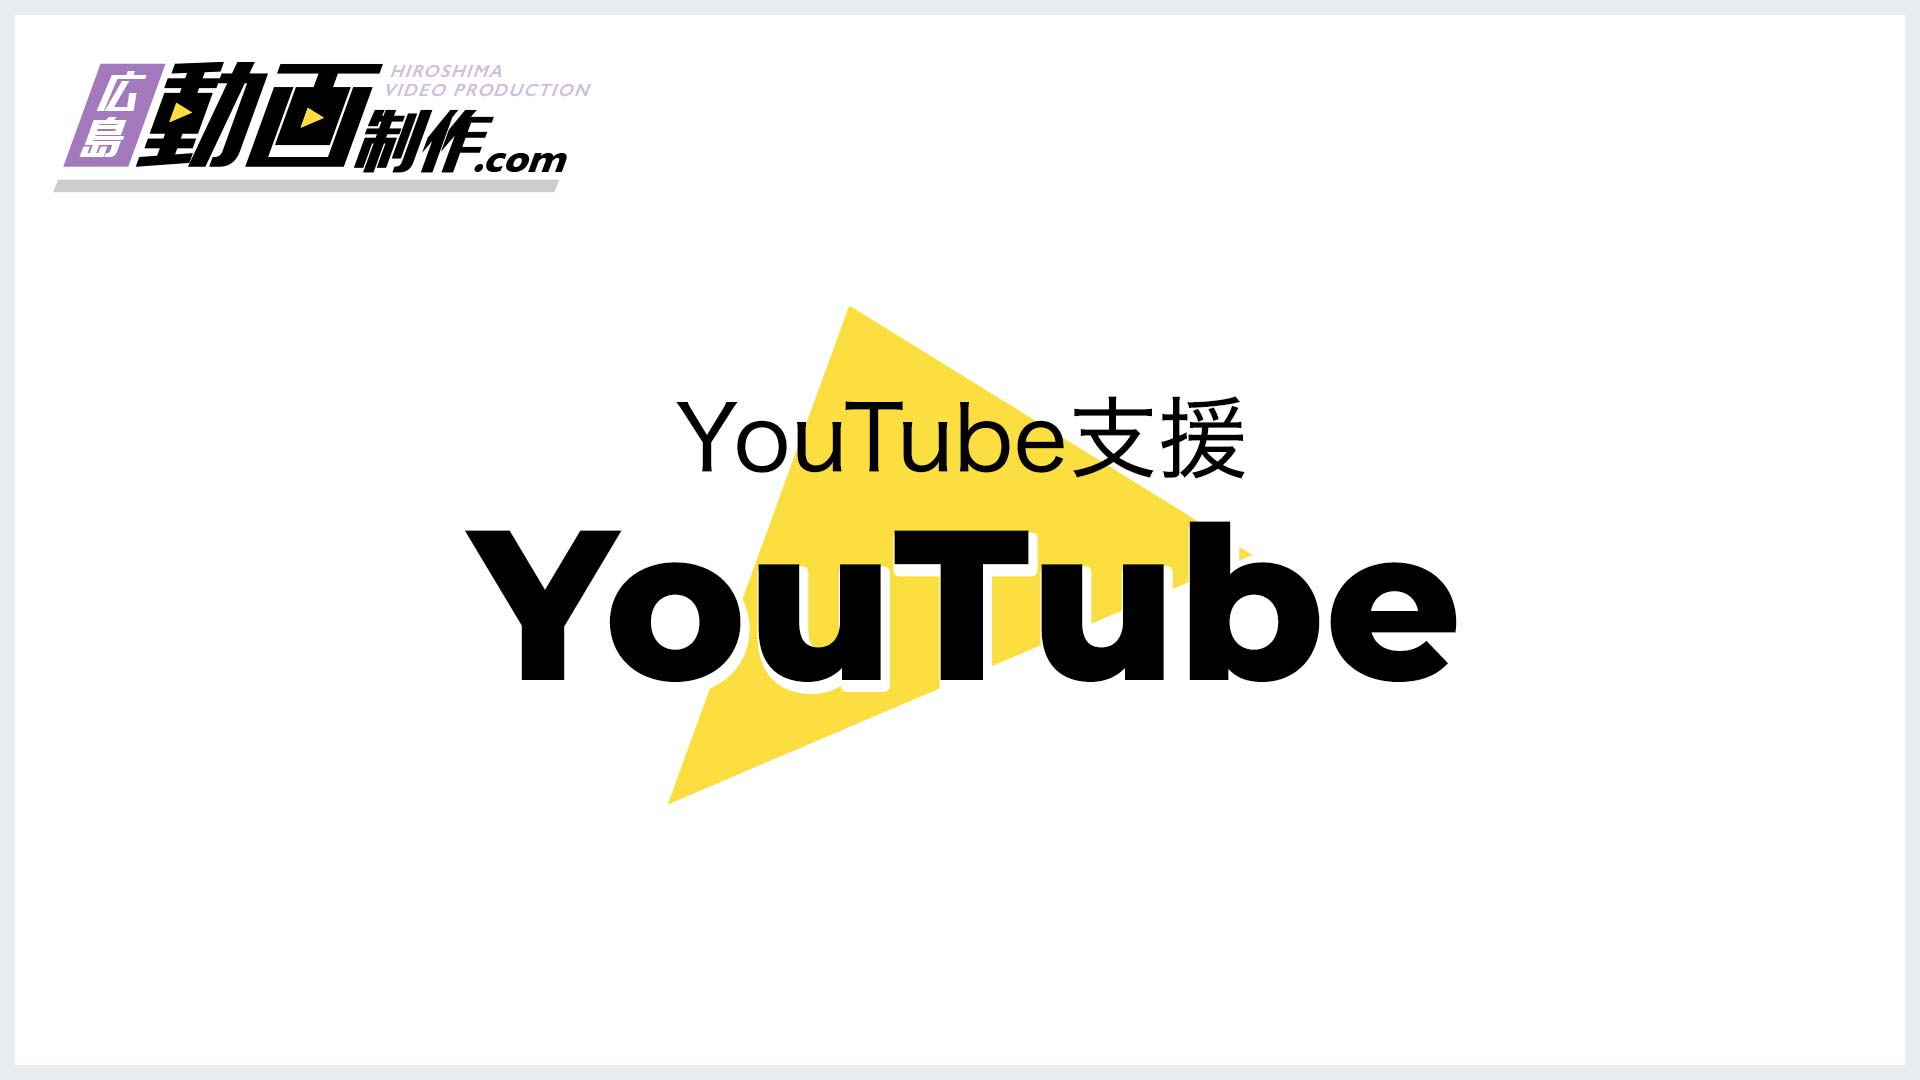 広島動画制作.com YouTube支援 サムネイル